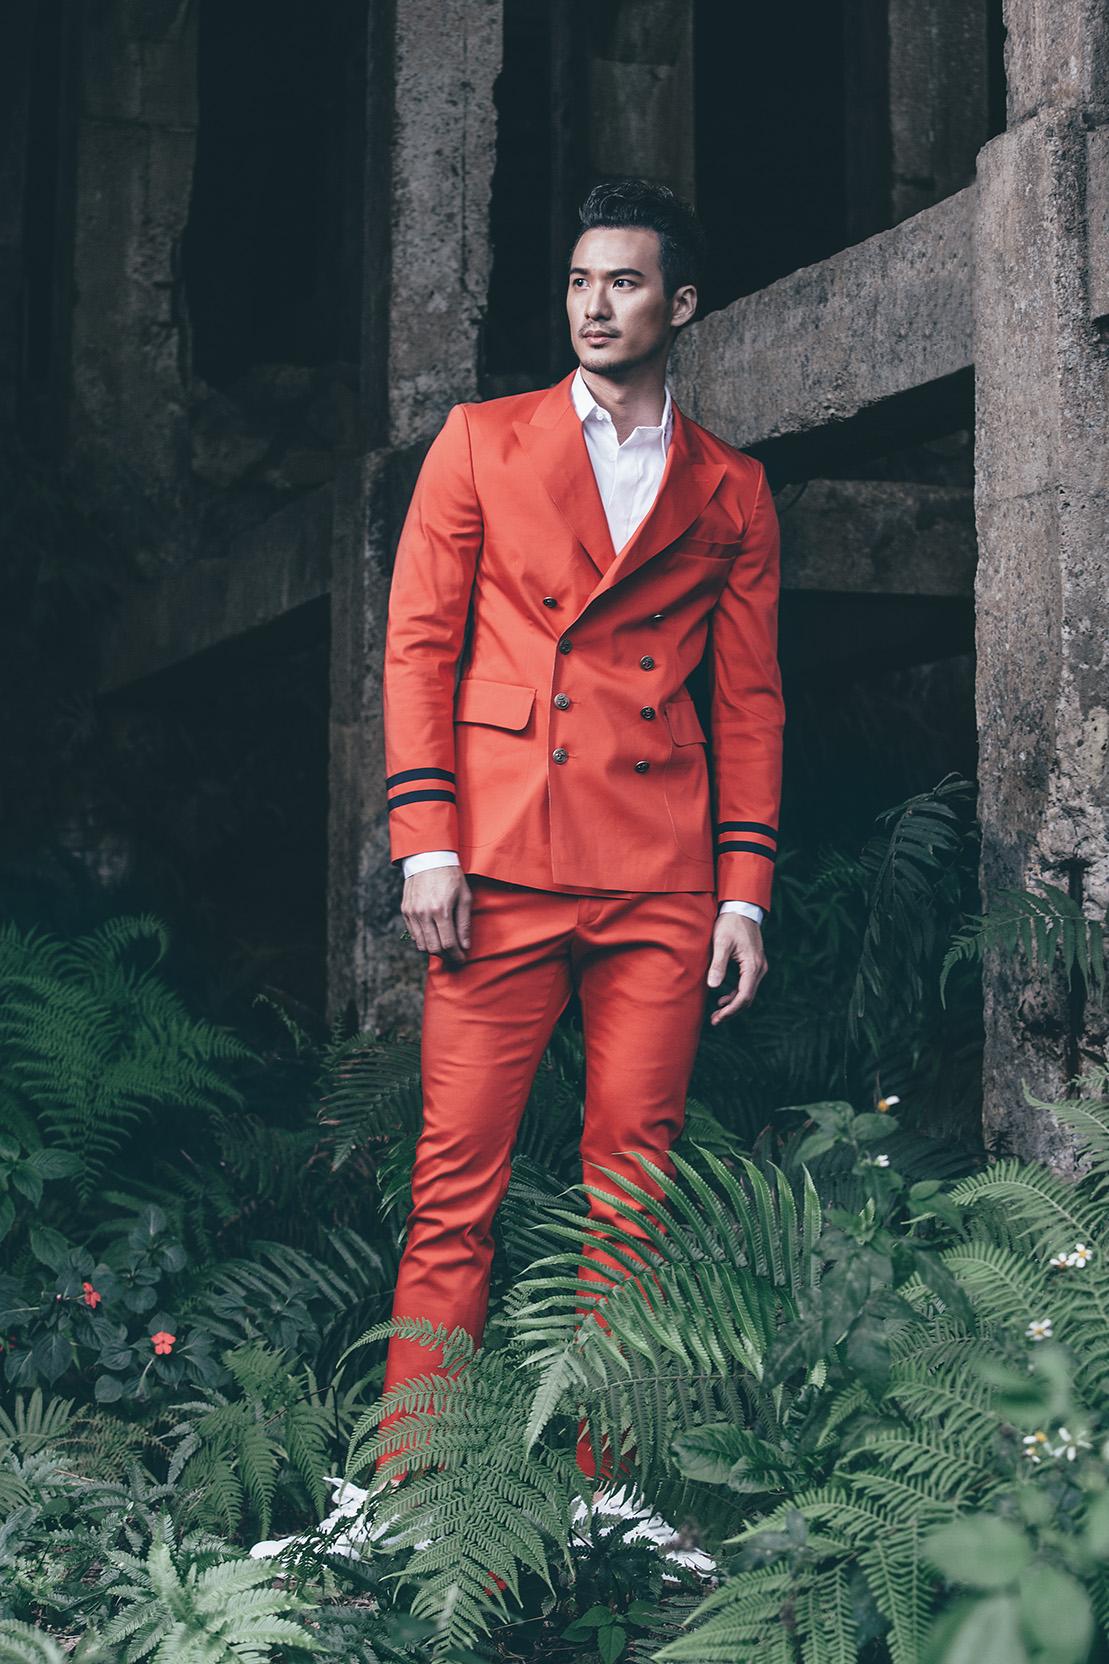 色彩鮮豔的服裝在本季並不少,鮮紅色的成套穿搭或是搭配色彩鮮豔的印花T恤或是鞋款,都能讓男人跳脫既定的形象。